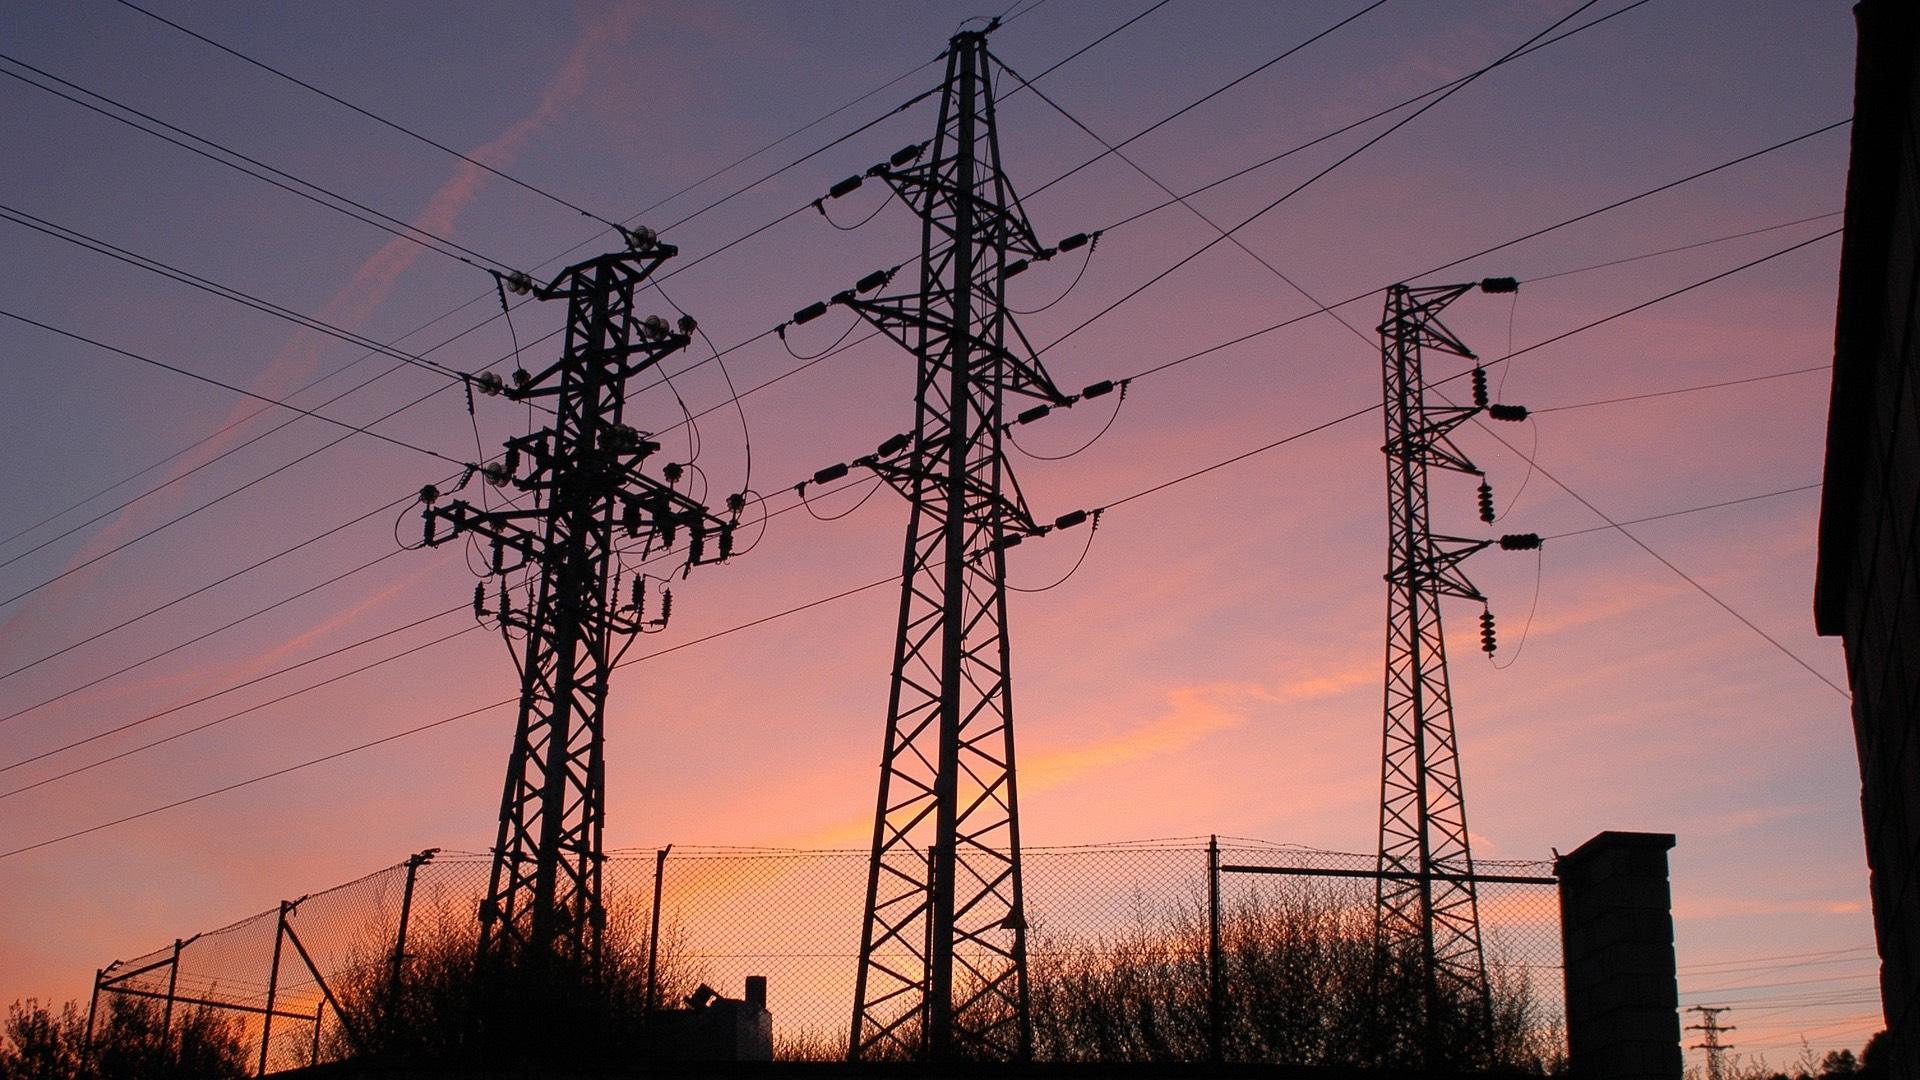 Des hackers parviennent à atteindre une entreprise au cœur du réseau électrique britannique